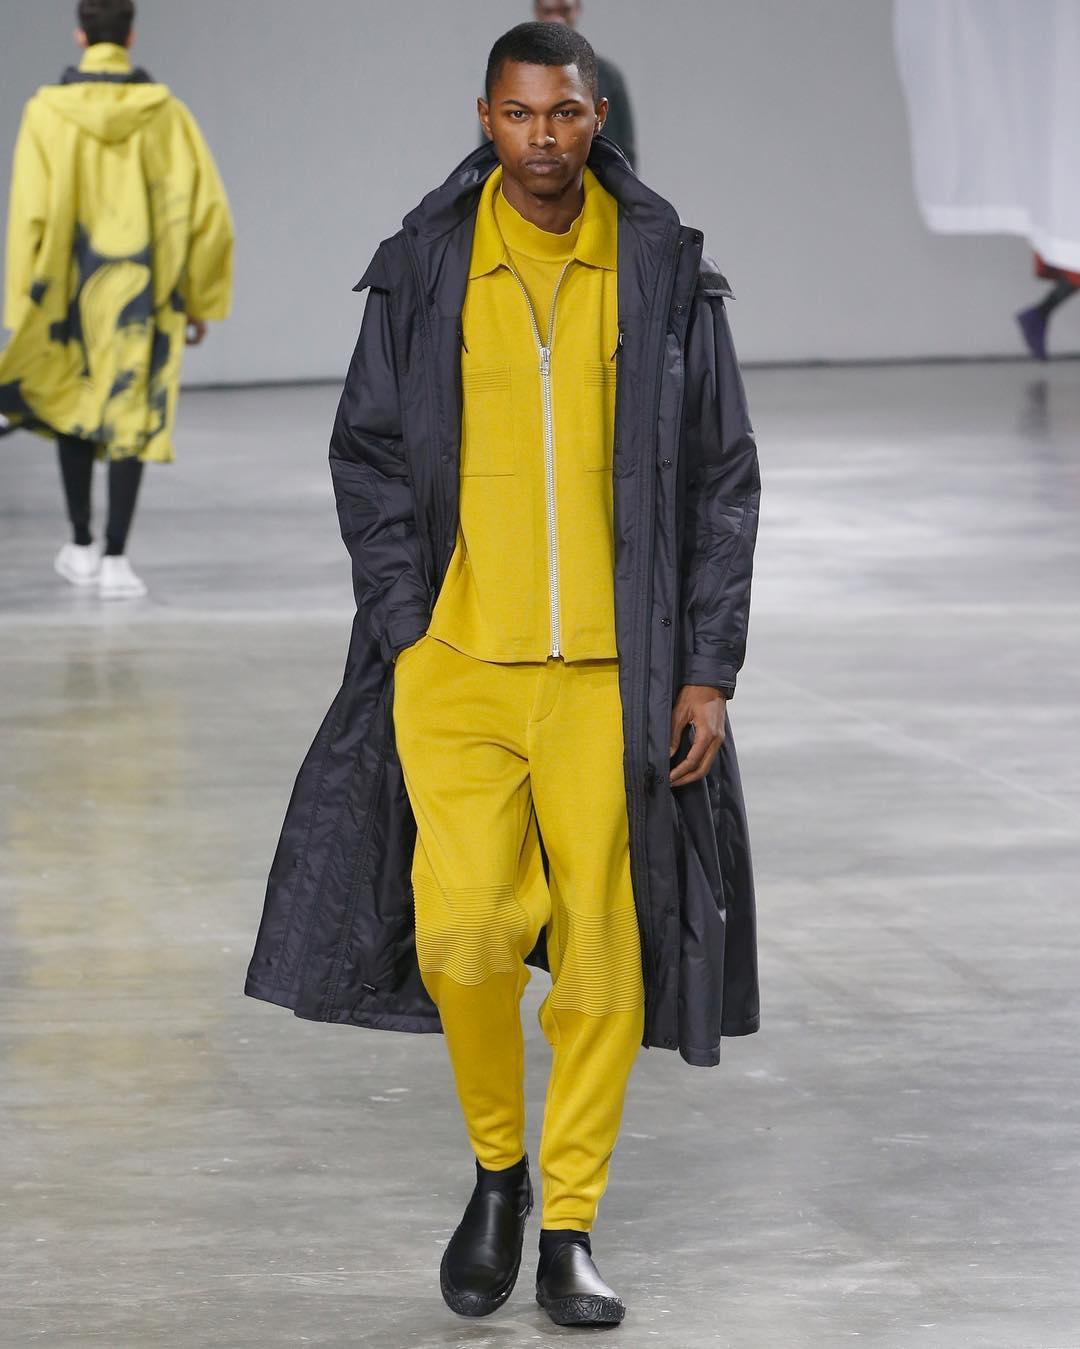 ISSEY MIYAKE - Le jaune et noir se mélangent durant toute cette collection. Le sportswear japonais ultra moderne aux coupes droites et précises est gonflé par des parkas pour donner de la légèreté et de la dimension aux looks.